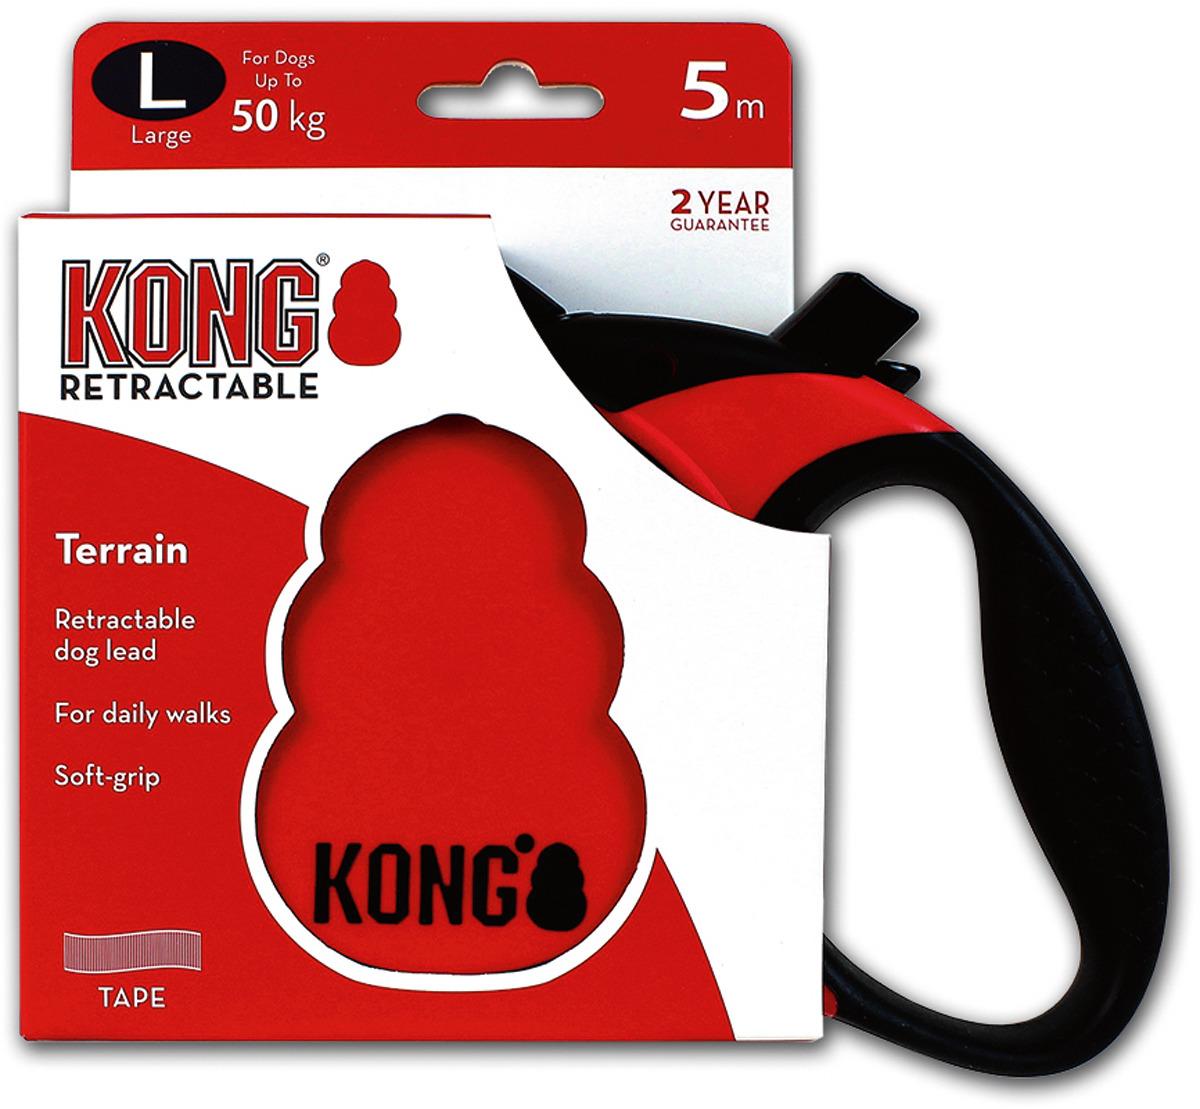 Поводок-рулетка для собак Kong Terrain L, цвет: красный, до 50 кг, 5 м